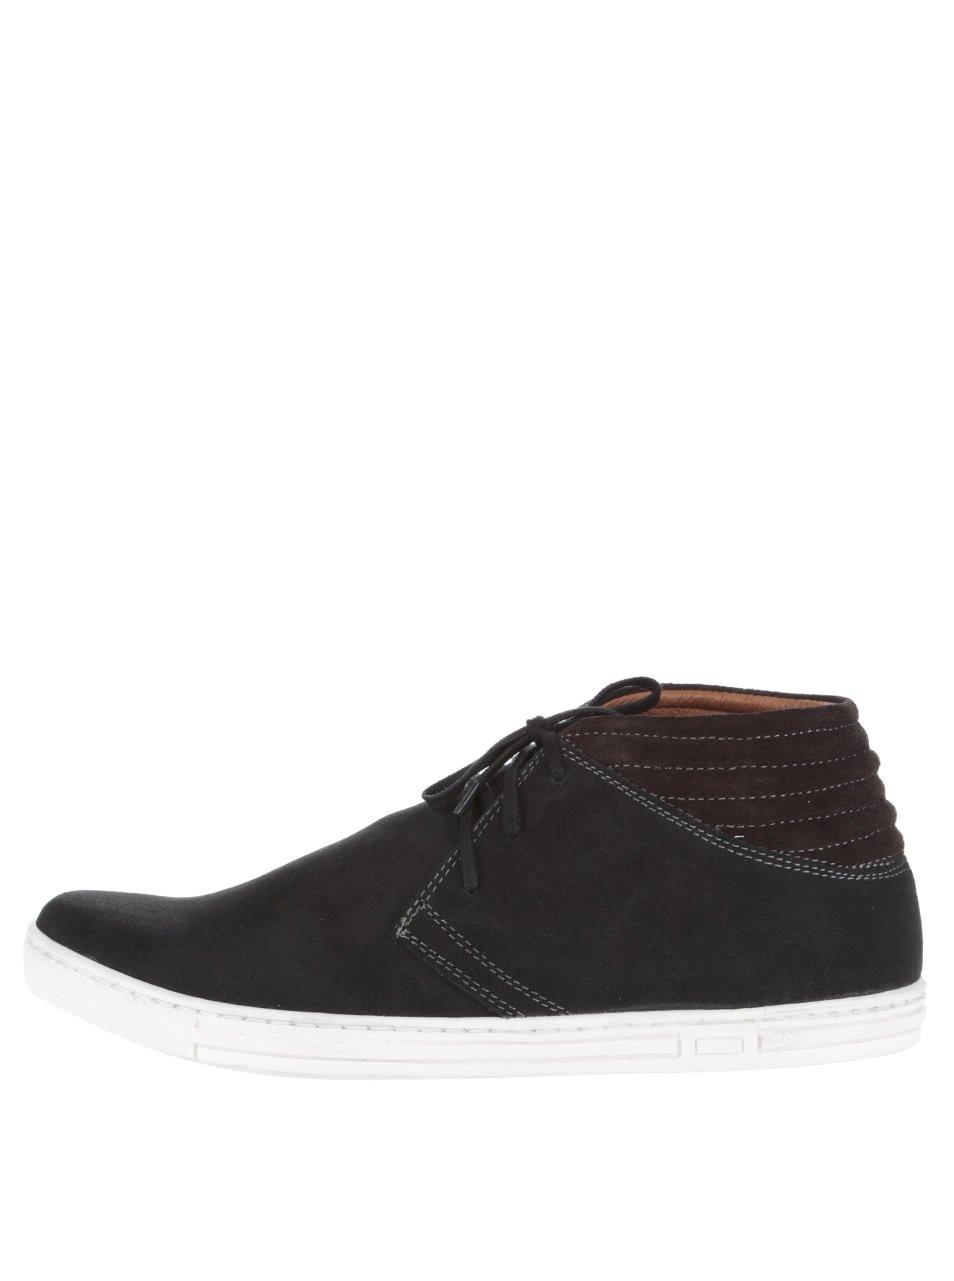 Hnědo-černé pánské semišové kotníkové boty OJJU